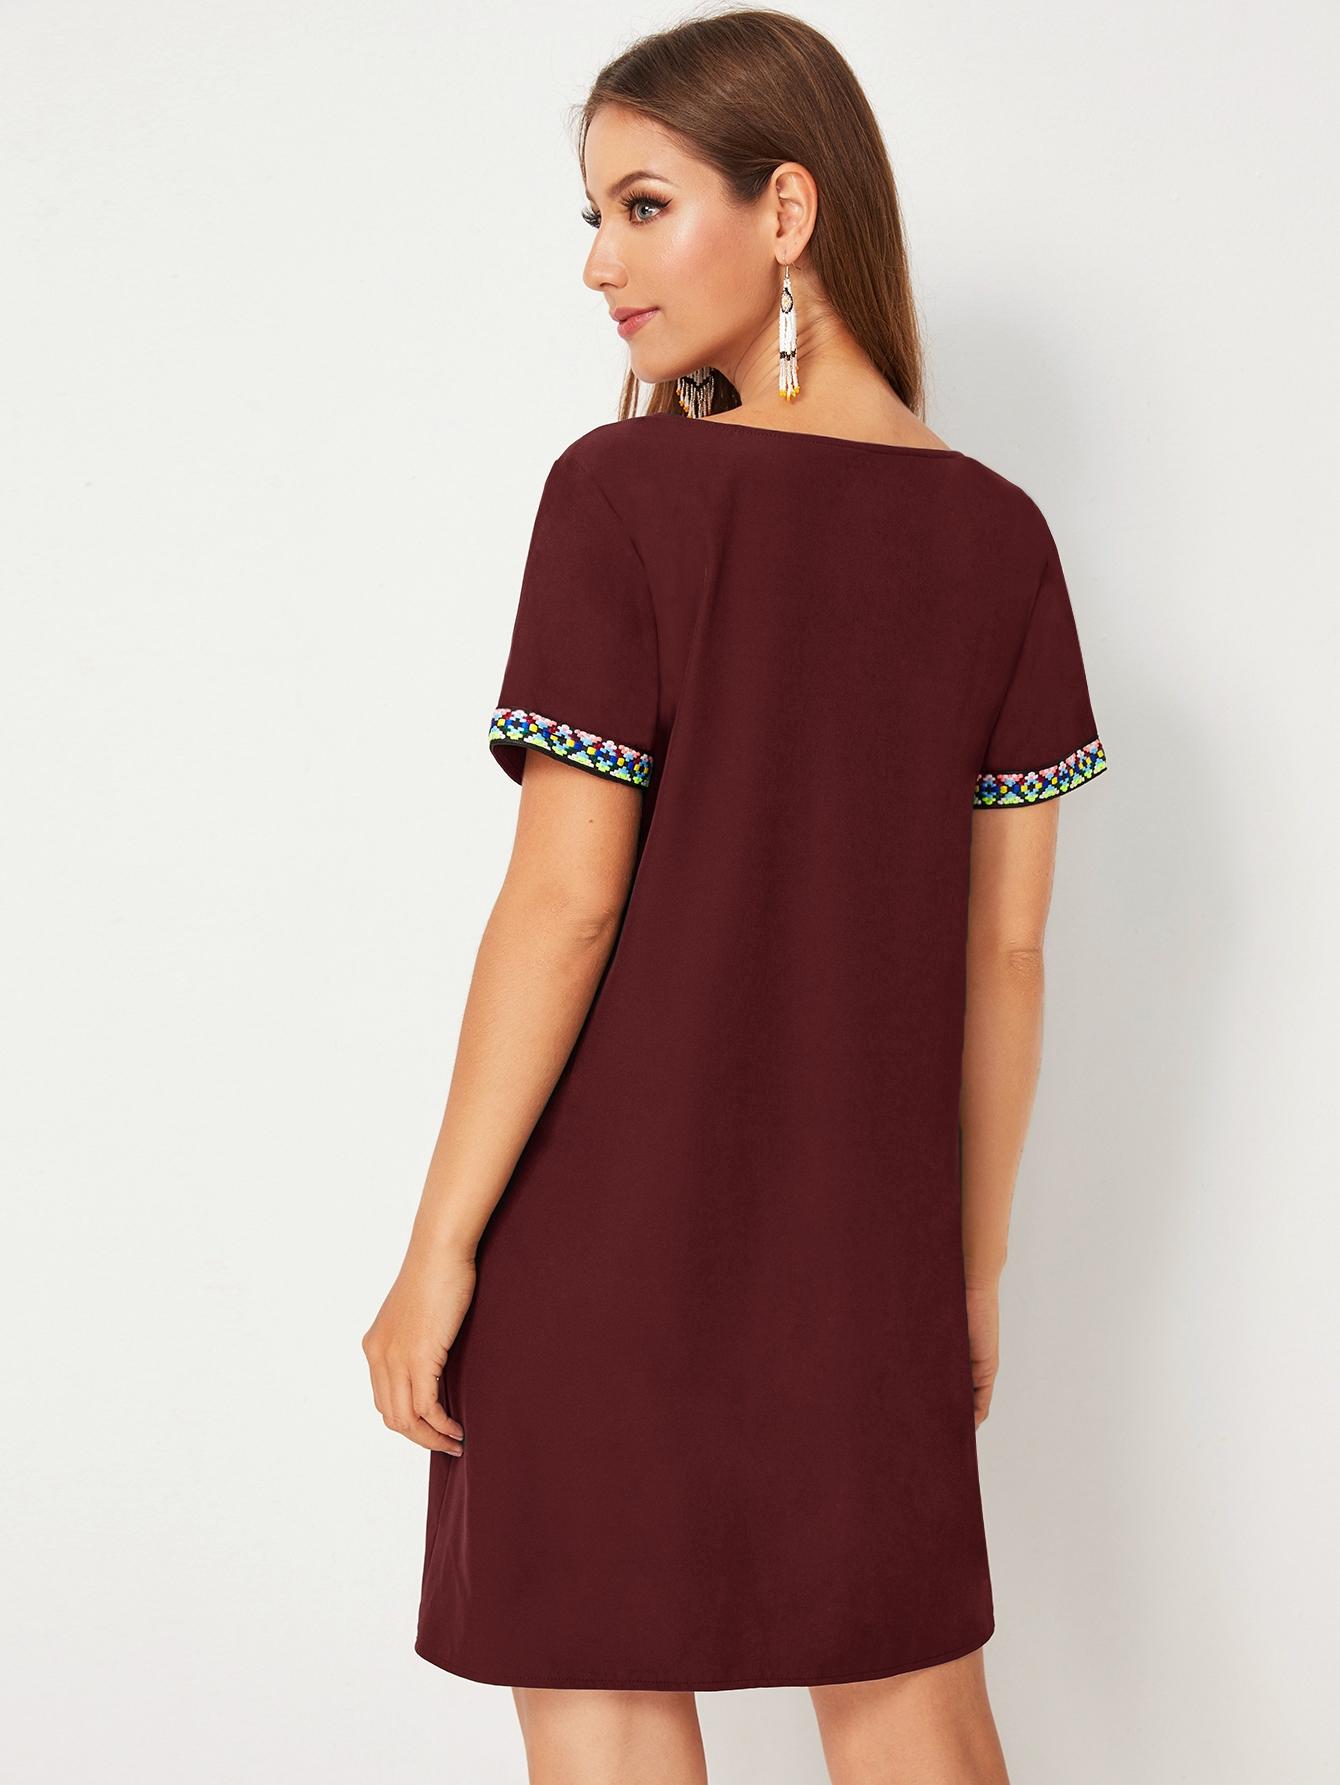 SHEIN / Vestido ajustado ribete con cinta en contraste